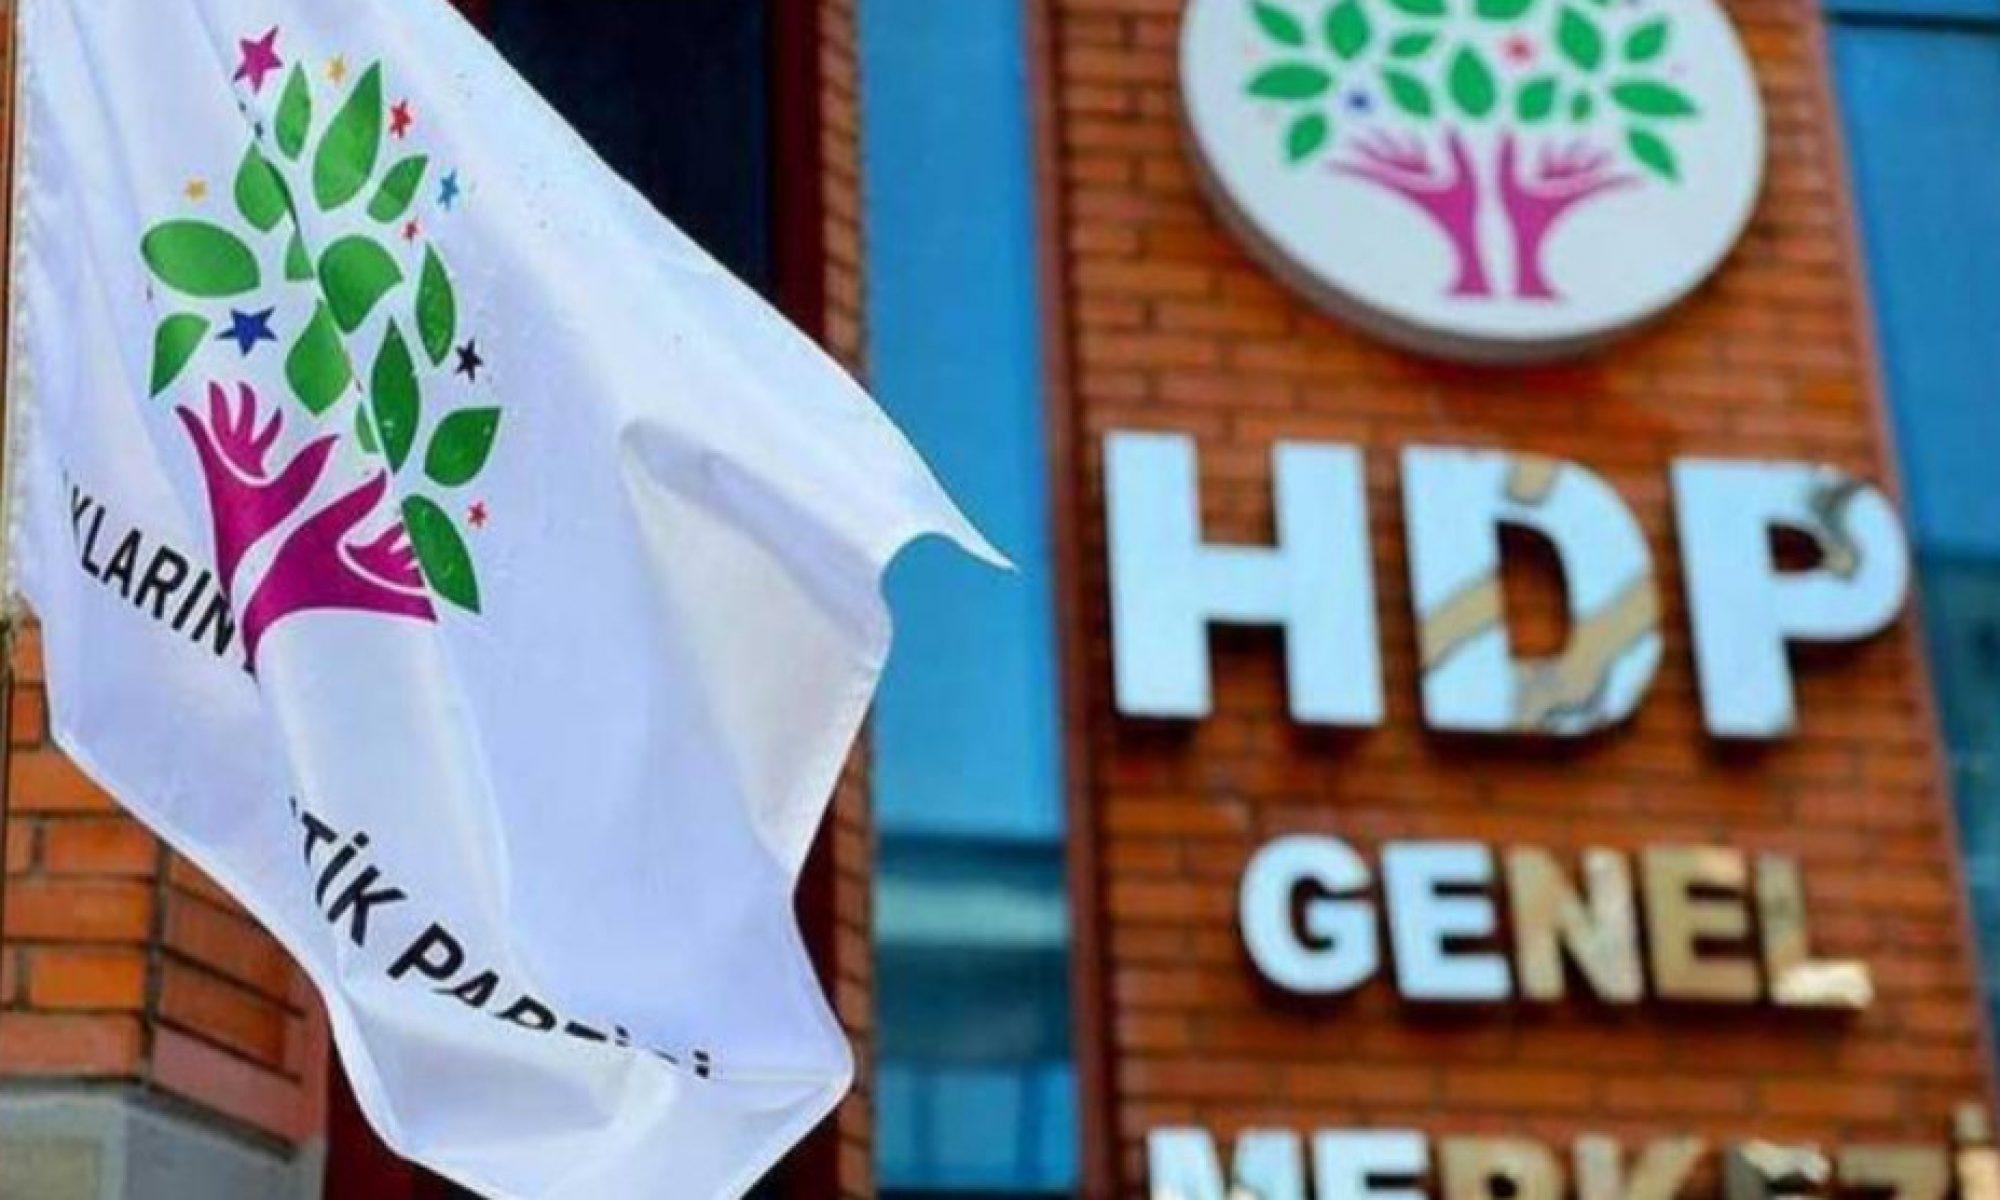 Amed'de HDP-BDP yöneticisi 12 kişi tutuklandı